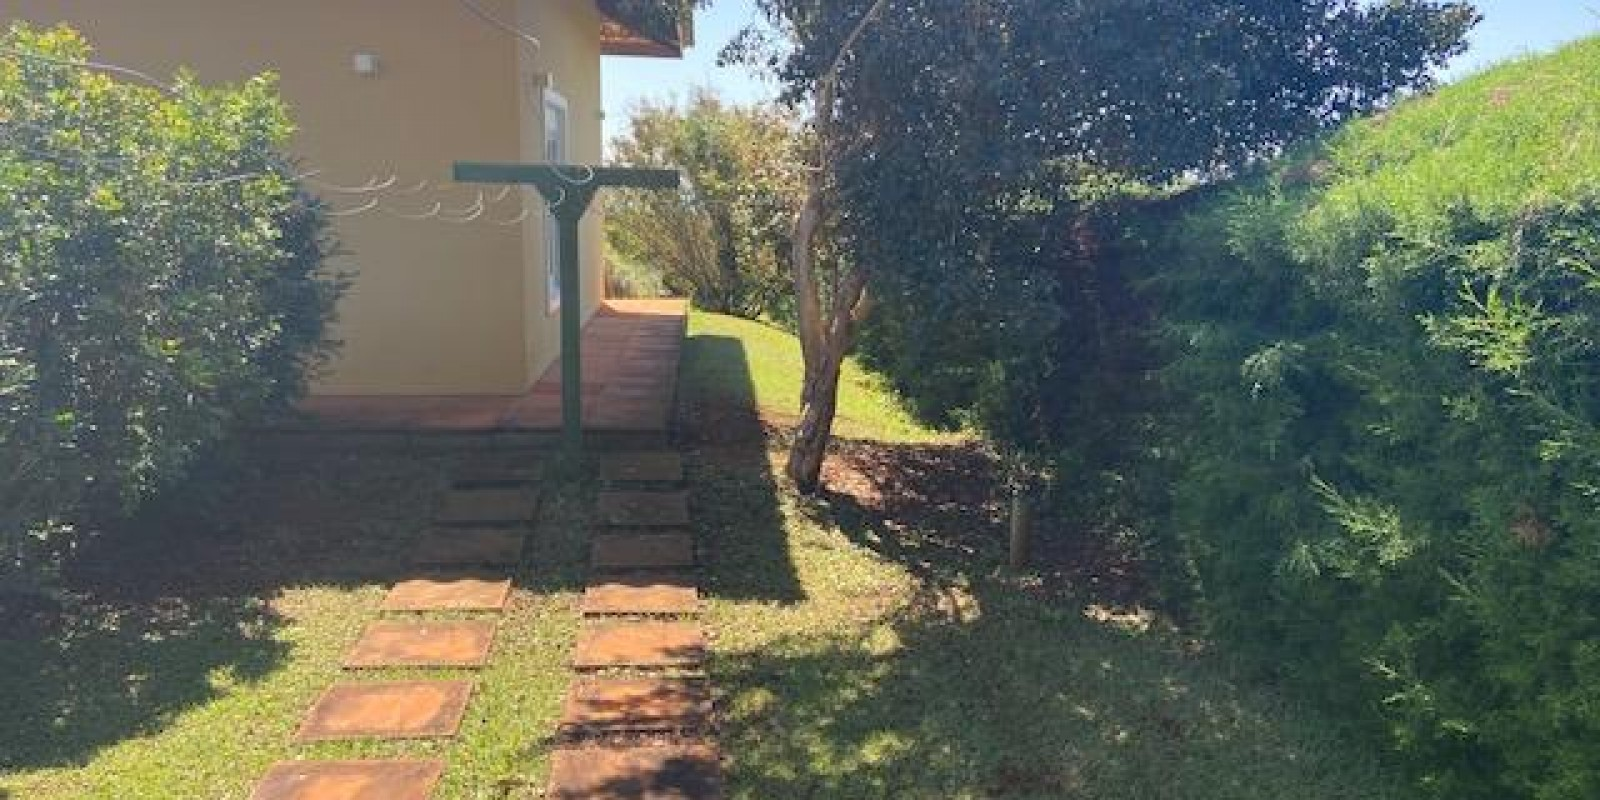 Casa na Represa no Condomínio Parque Náutico em Avaré SP  - Foto 7 de 57